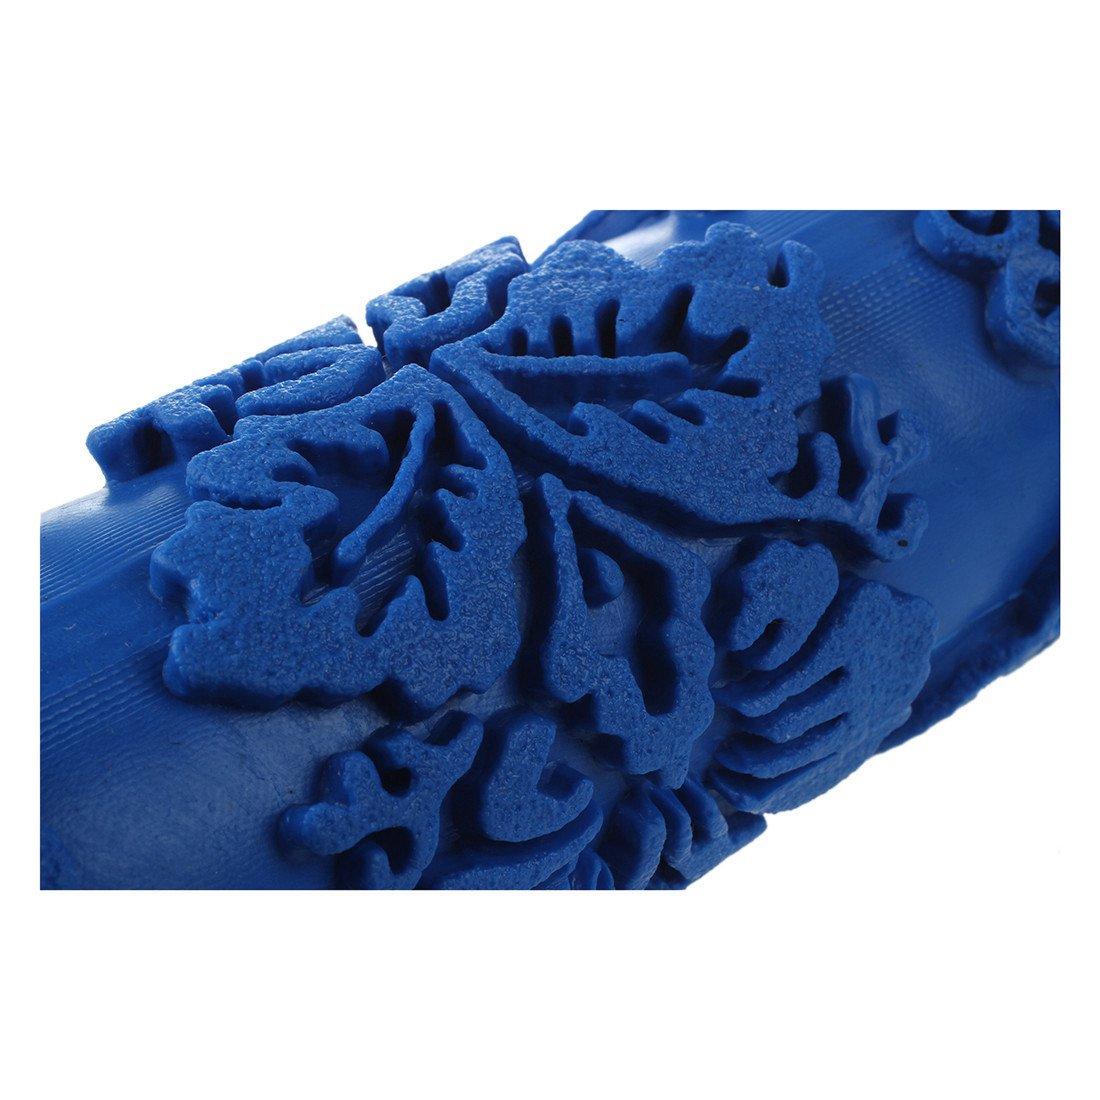 Gaoominy Rouleau a peinture avec motifs decoratifs pour machine Motifs fleurs//bleu 15?cm